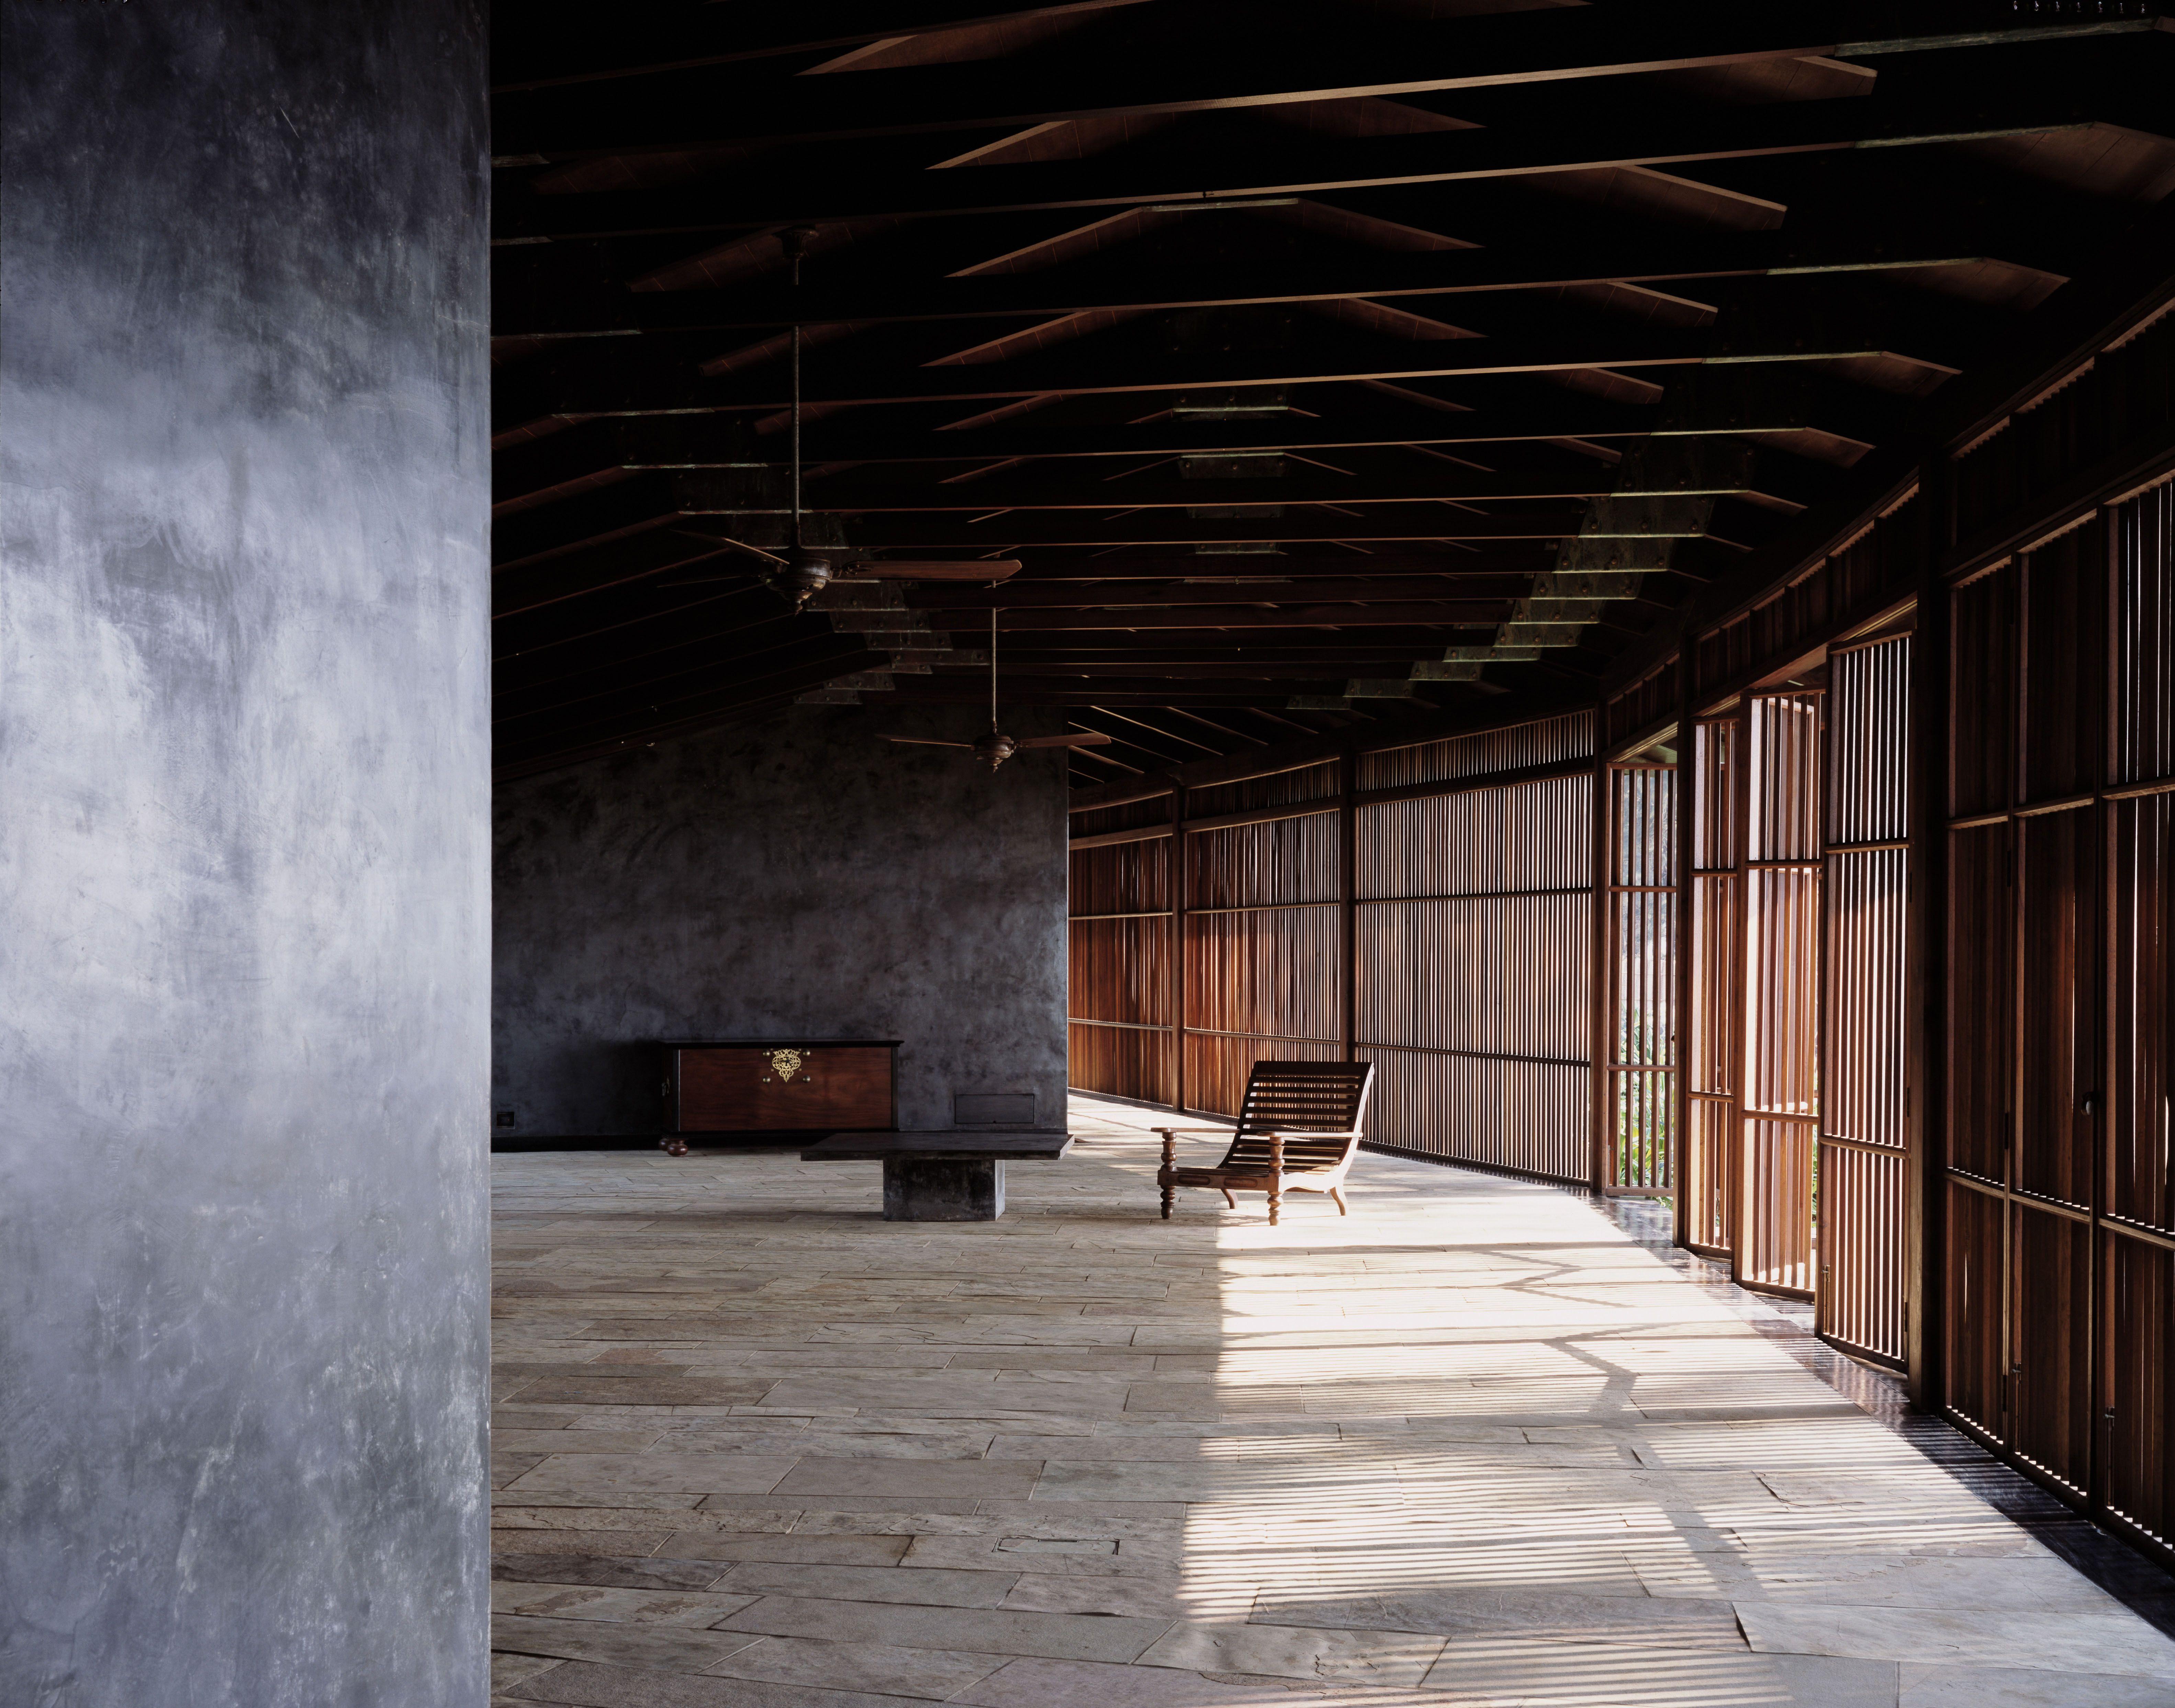 Studio mumbai e la slow architecture indiana interior for Architetti studi architettura brescia